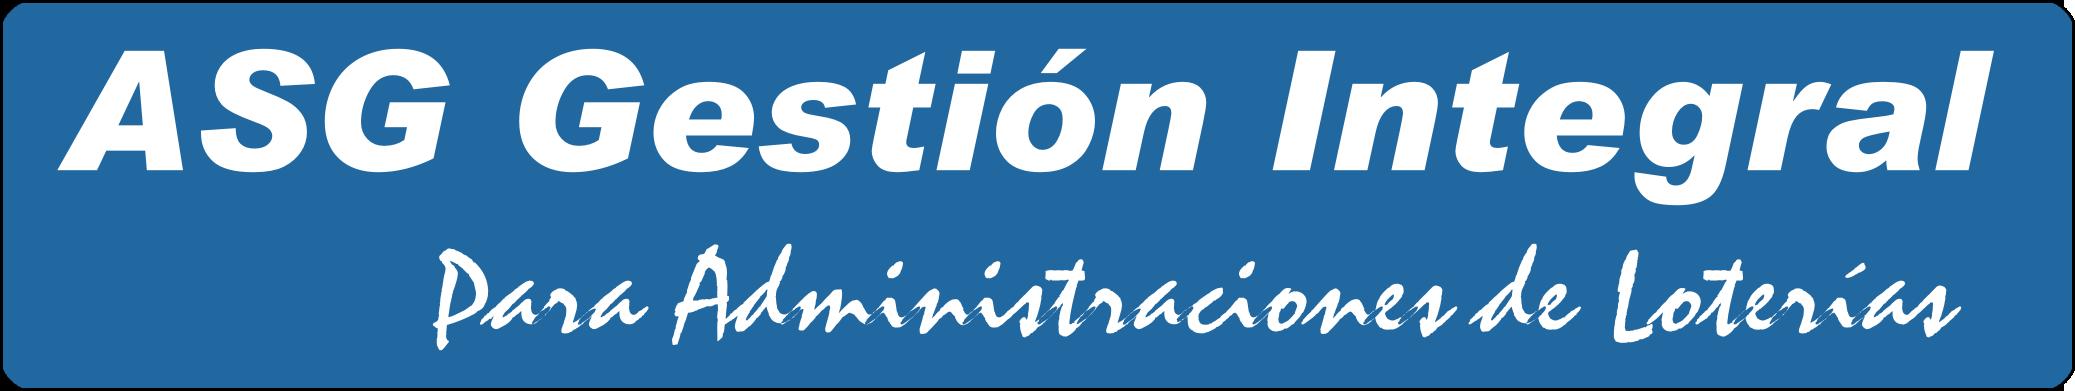 ASG Gestión Integral